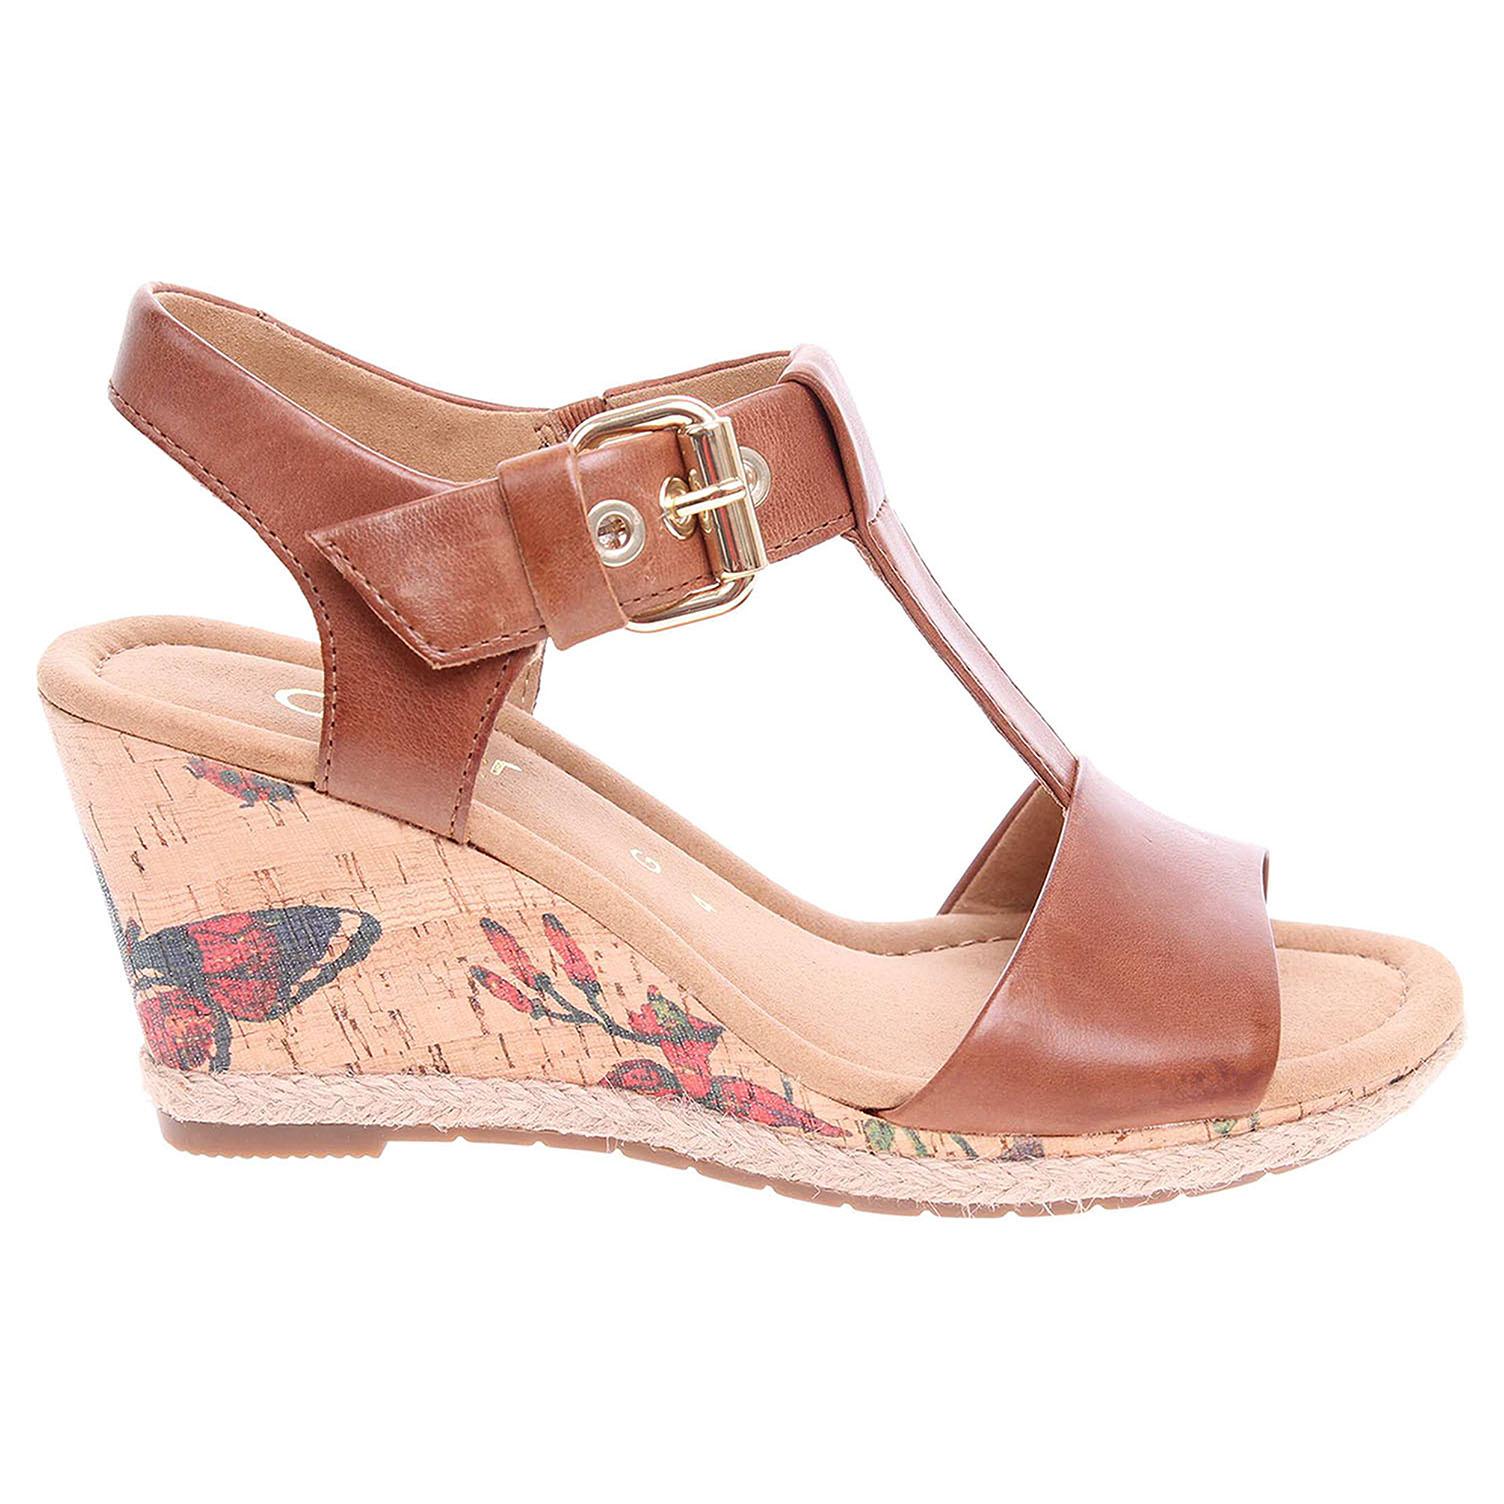 Ecco Gabor dámské sandály 62.824.55 hnědé 23801108